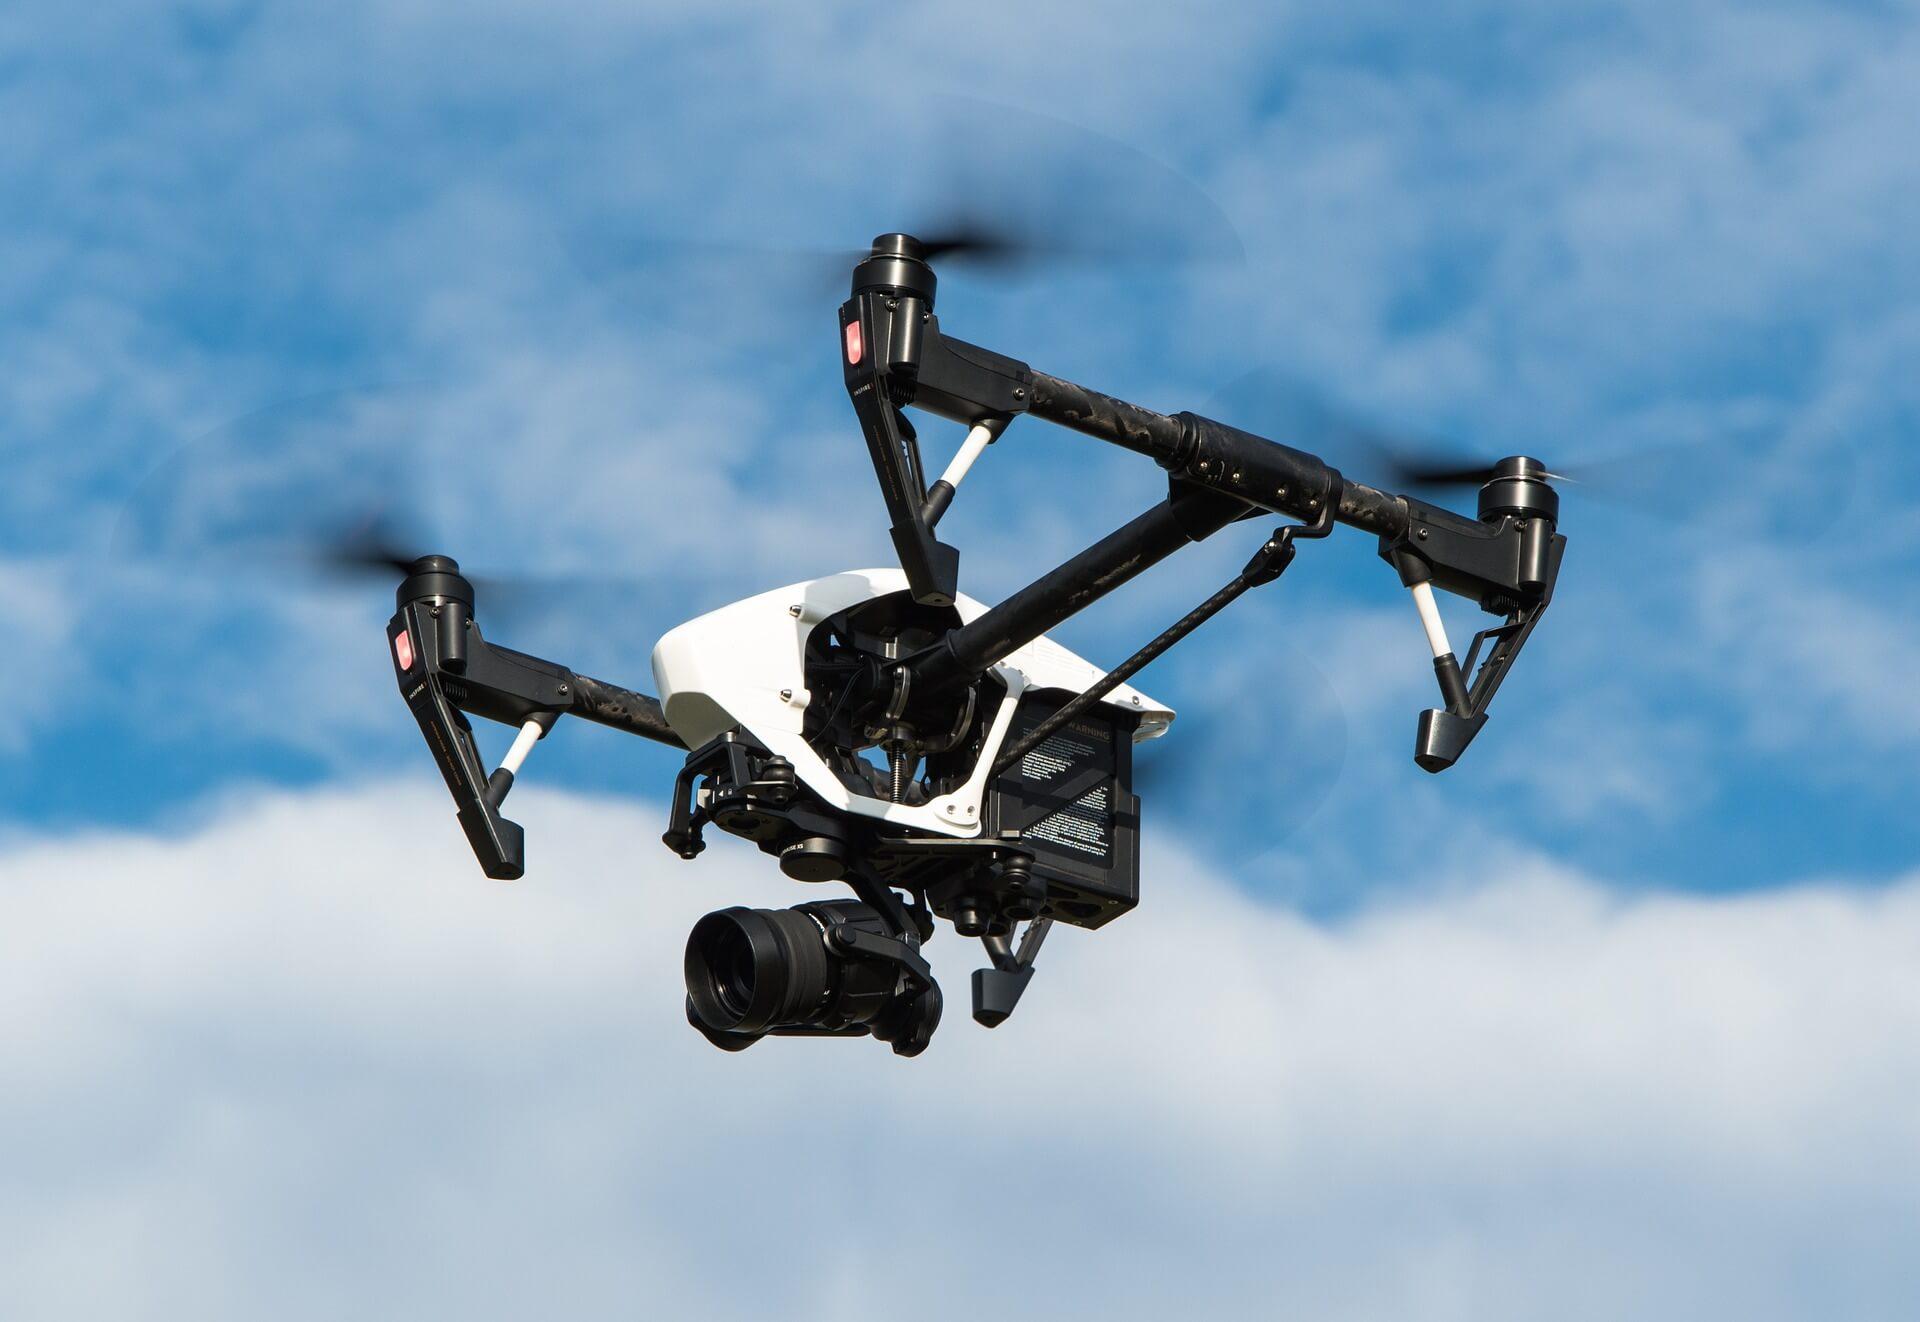 drone-1080844_1920 (1)